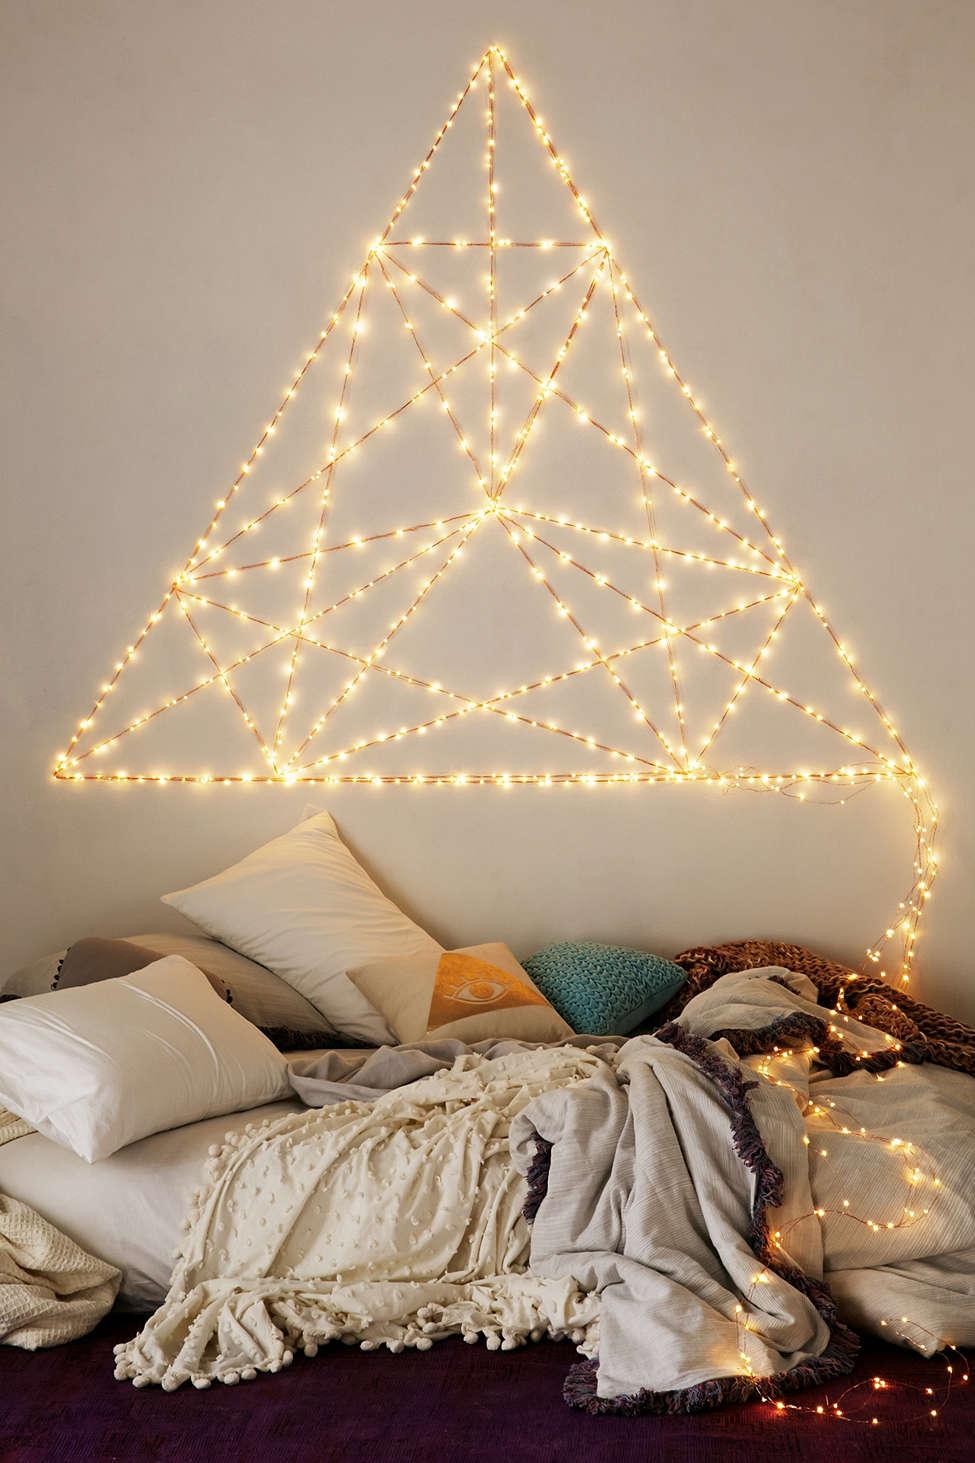 แต่งห้องนอนให้สวยโรแมนติก ด้วยไฟดวงเล็กๆ